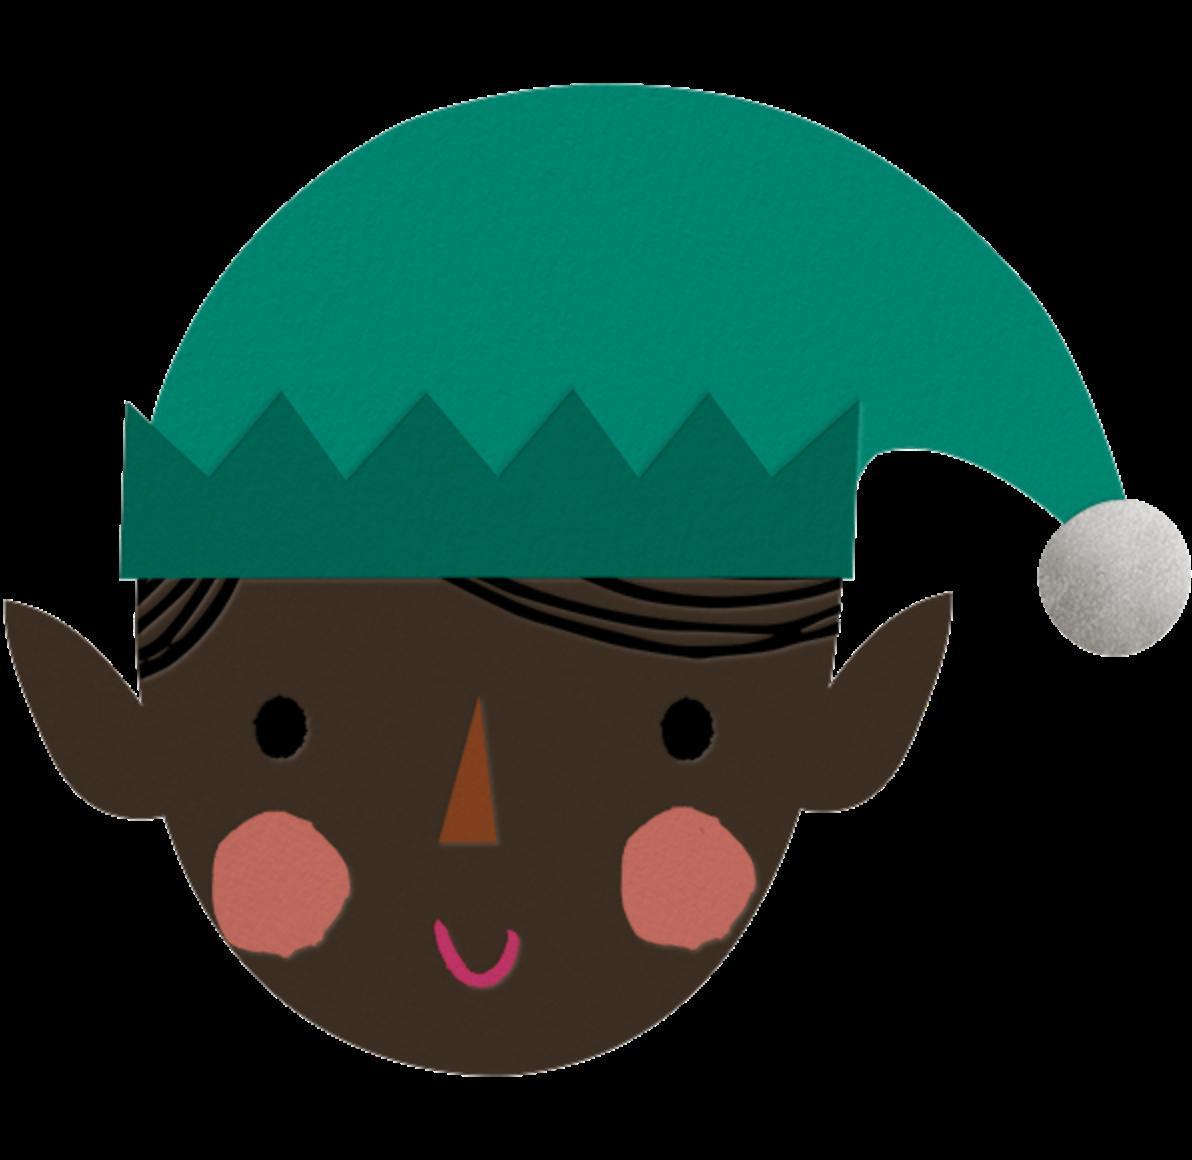 Blushing Elf - Deep - Meri Meri - Holiday cards